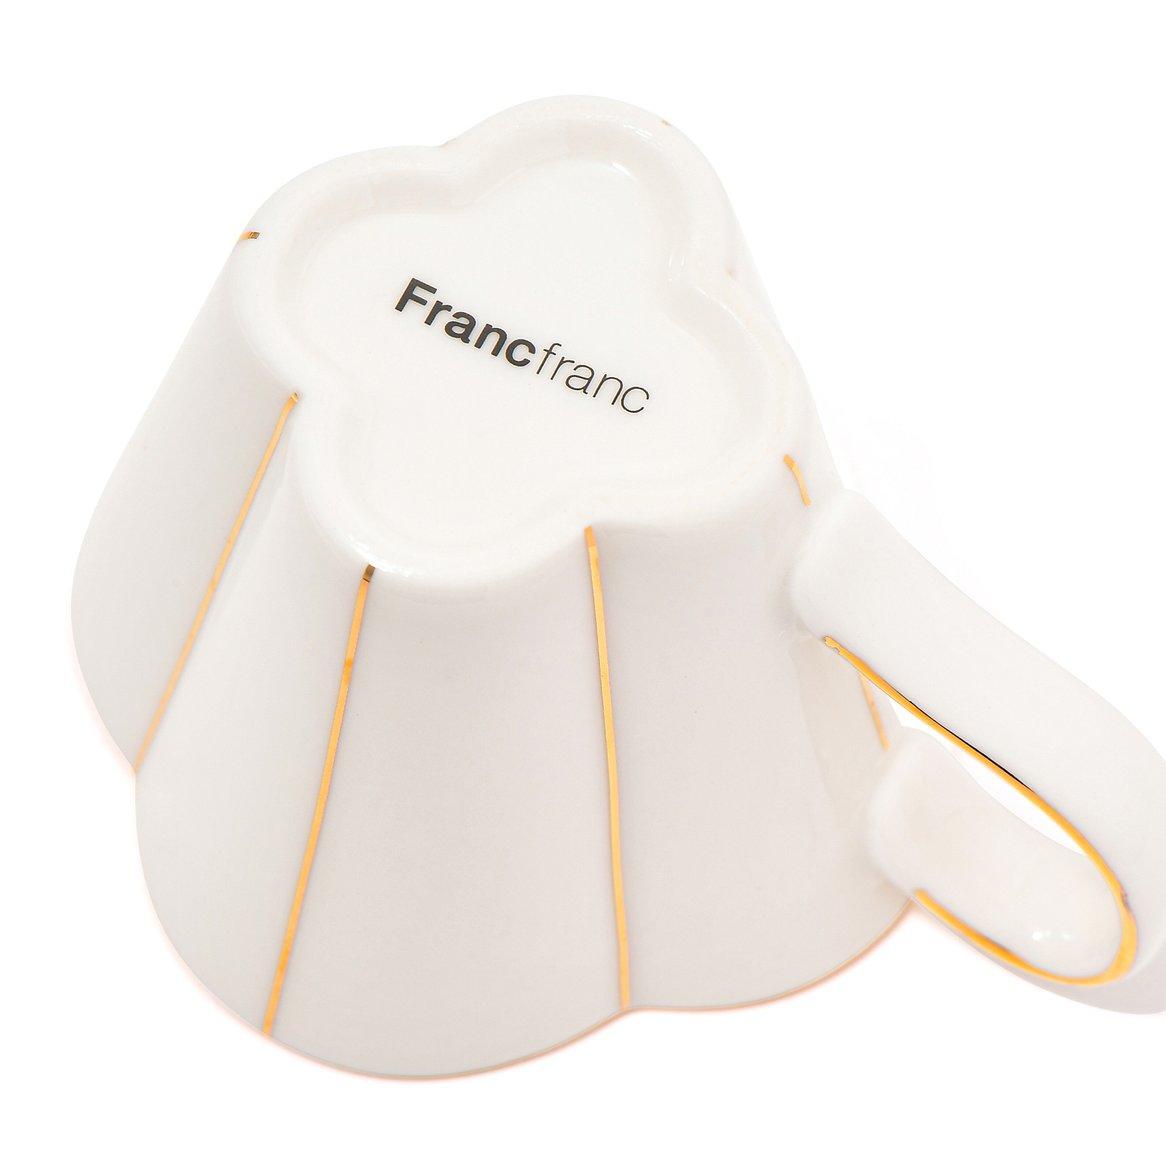 Francfranc(フランフラン) おうちカフェセット 2 personsの商品画像27